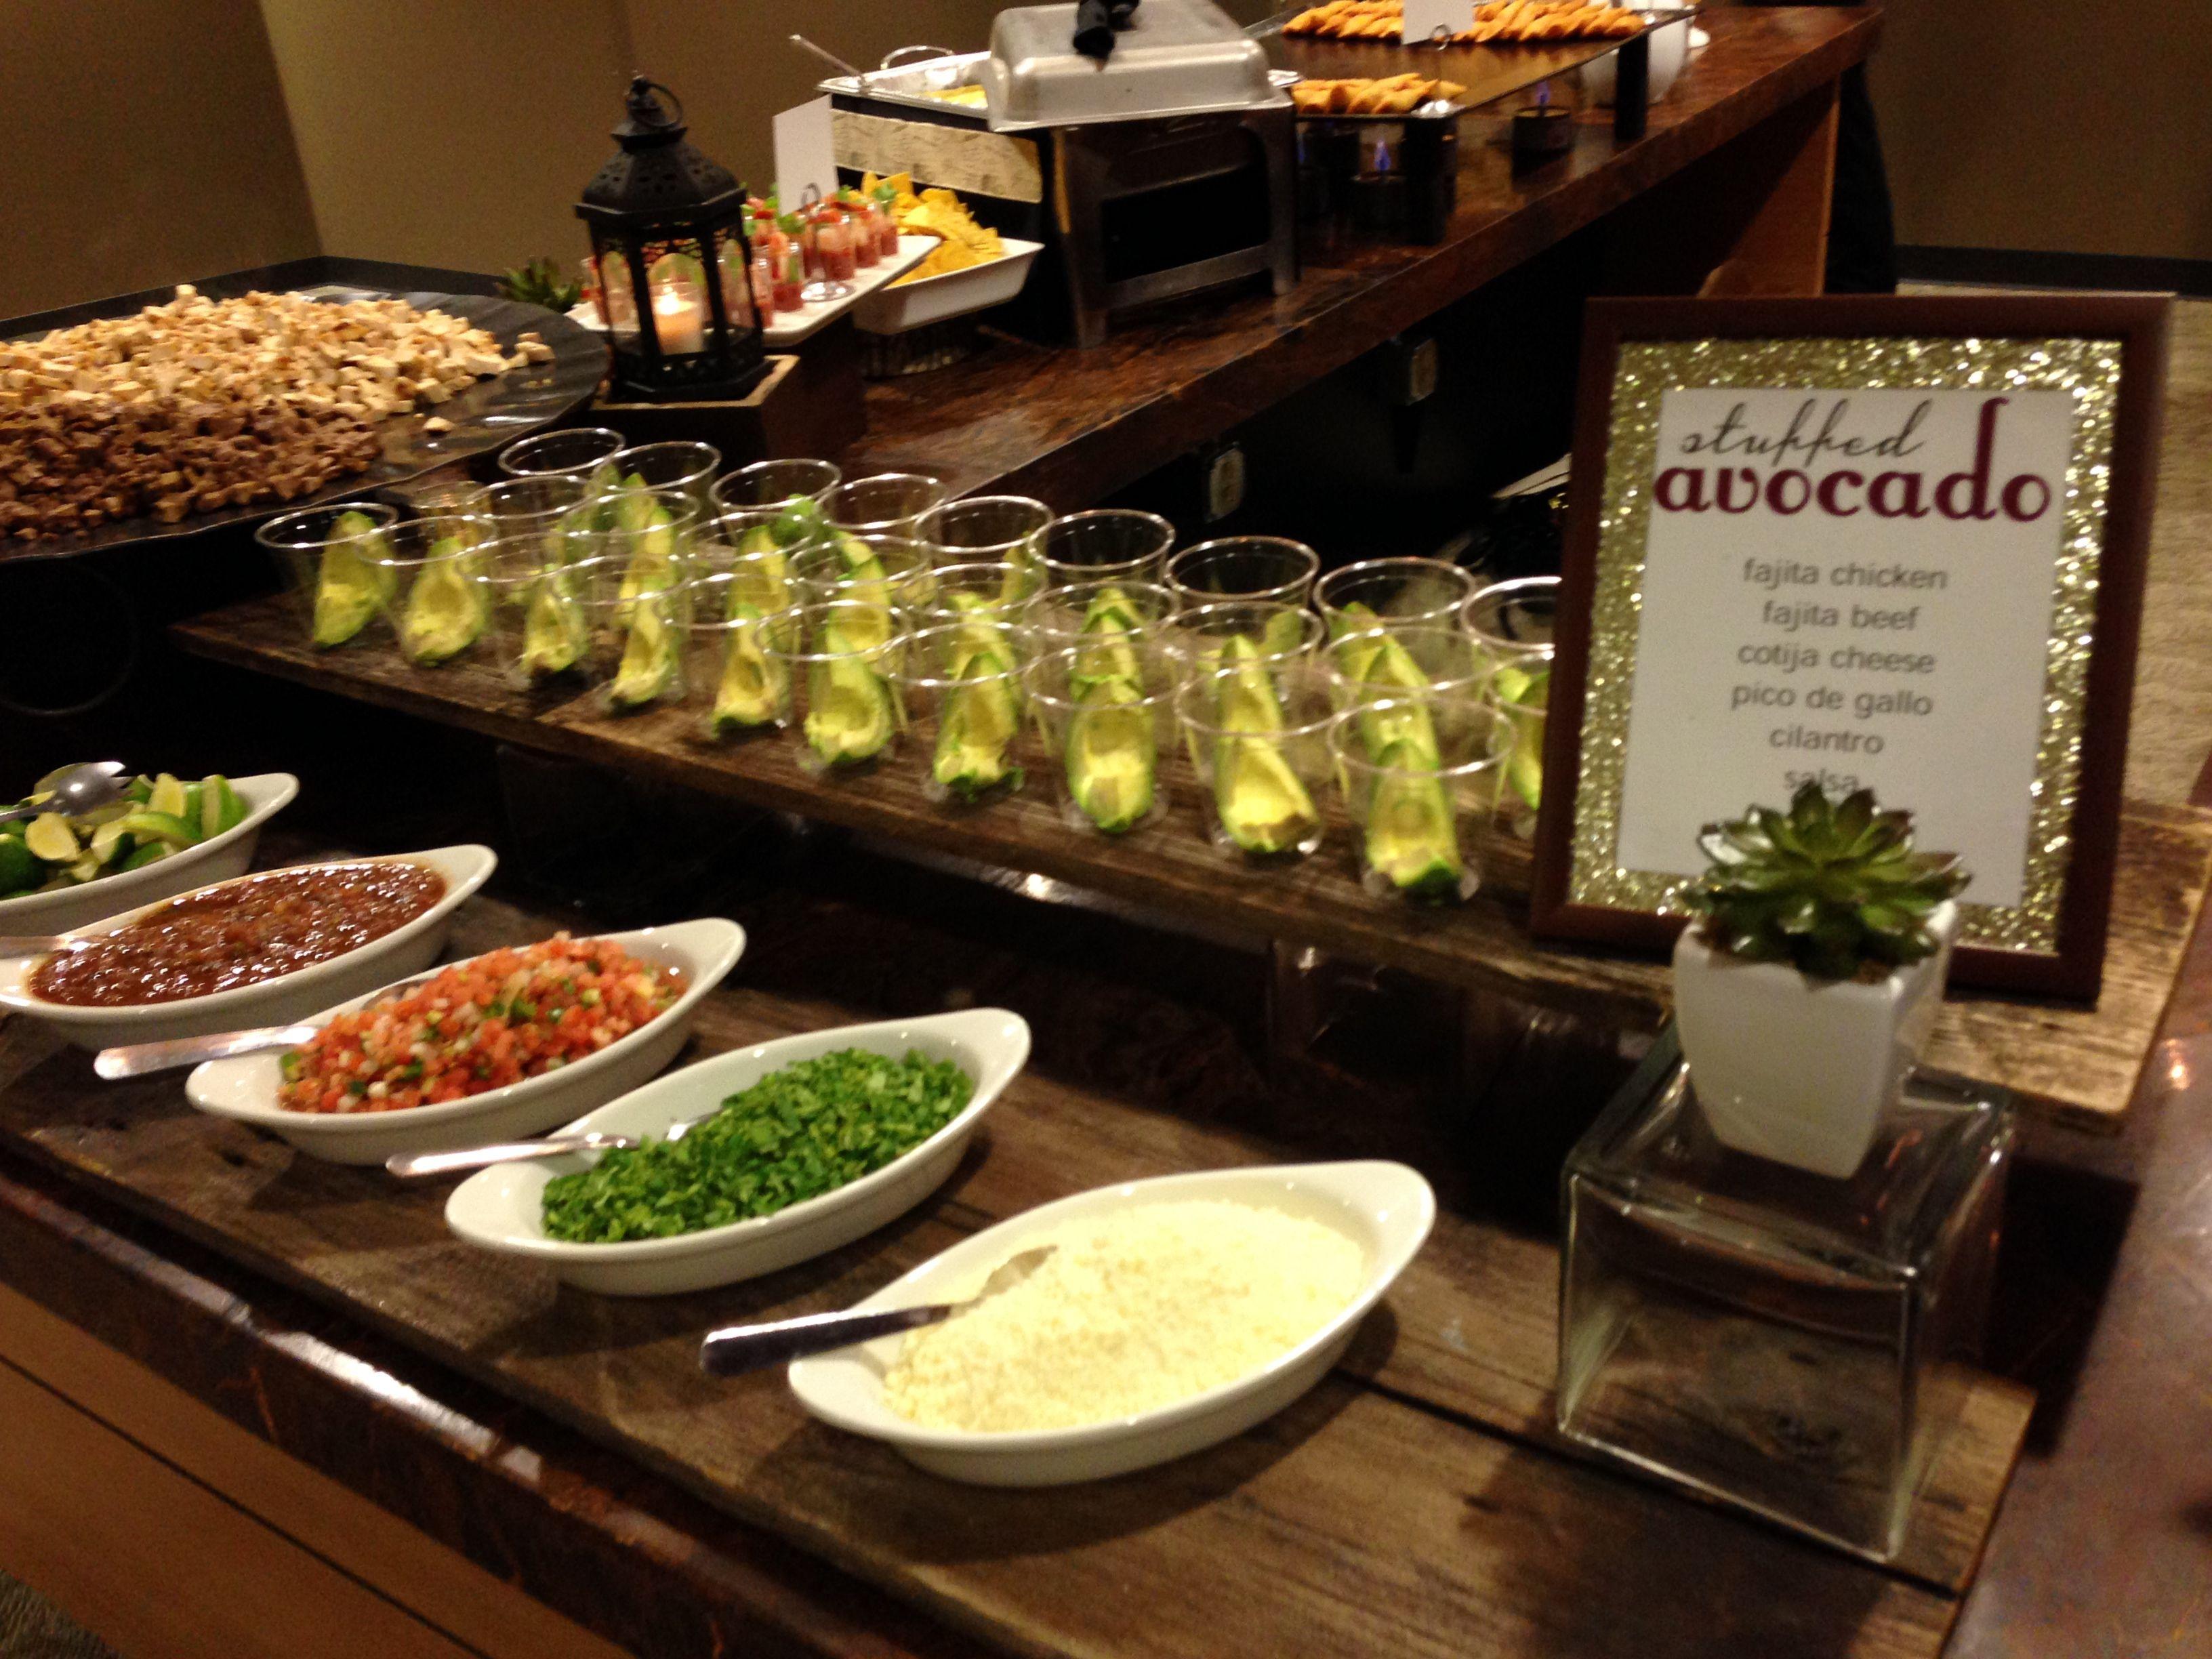 avocado avocado blt blt with avocado avocado egg salad avocado egg ...